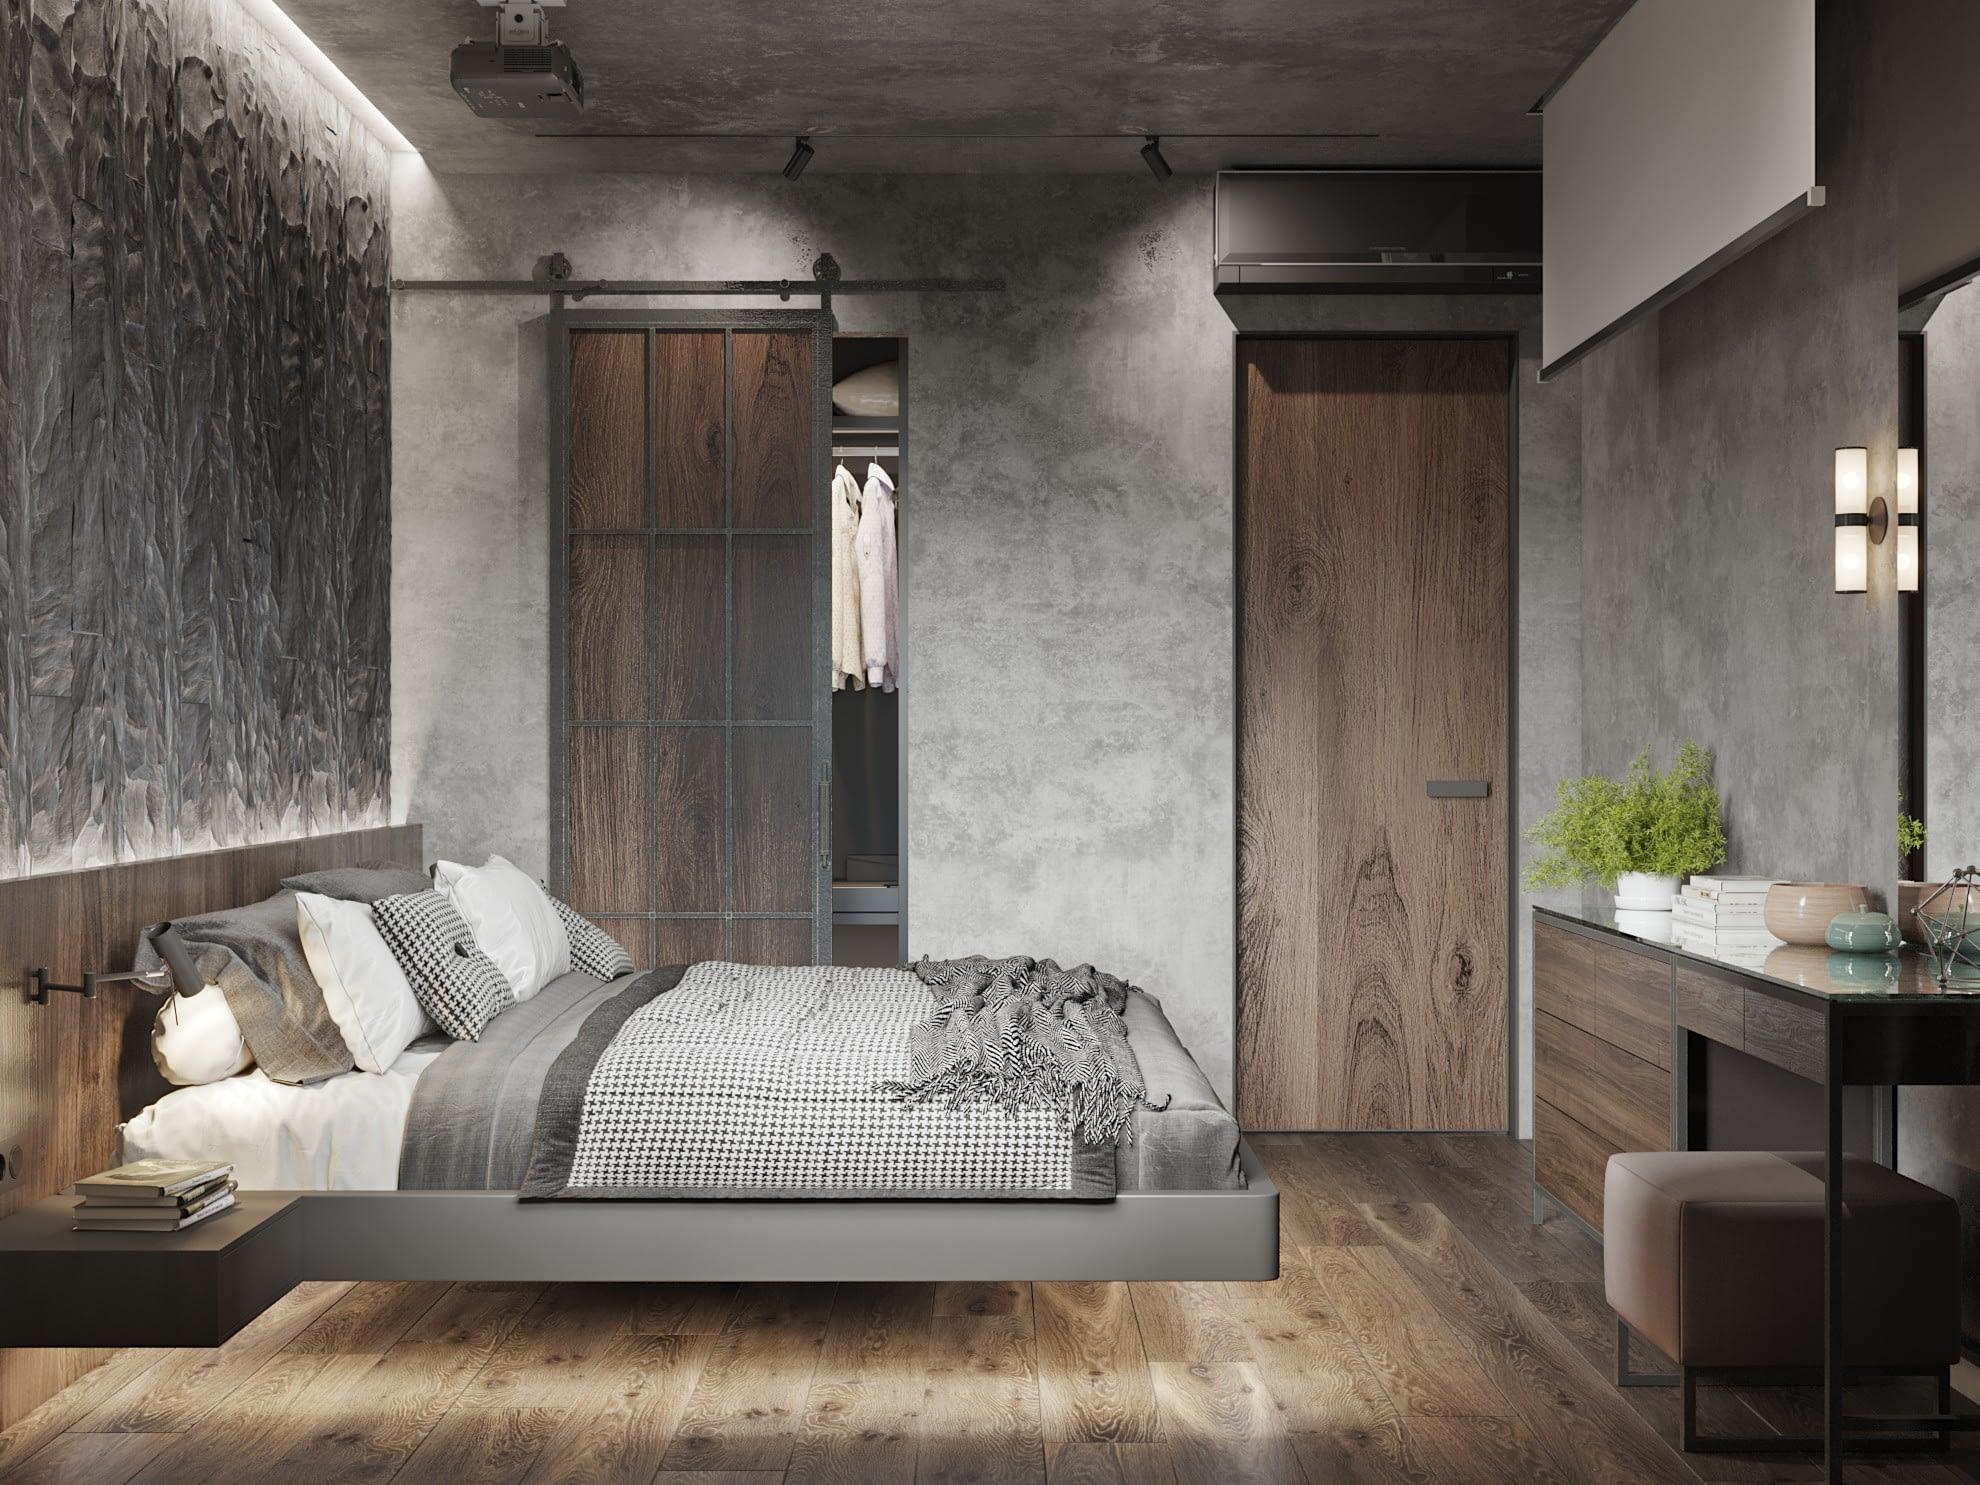 дизайн проект спальной комнаты в квартире ЖК Хоум